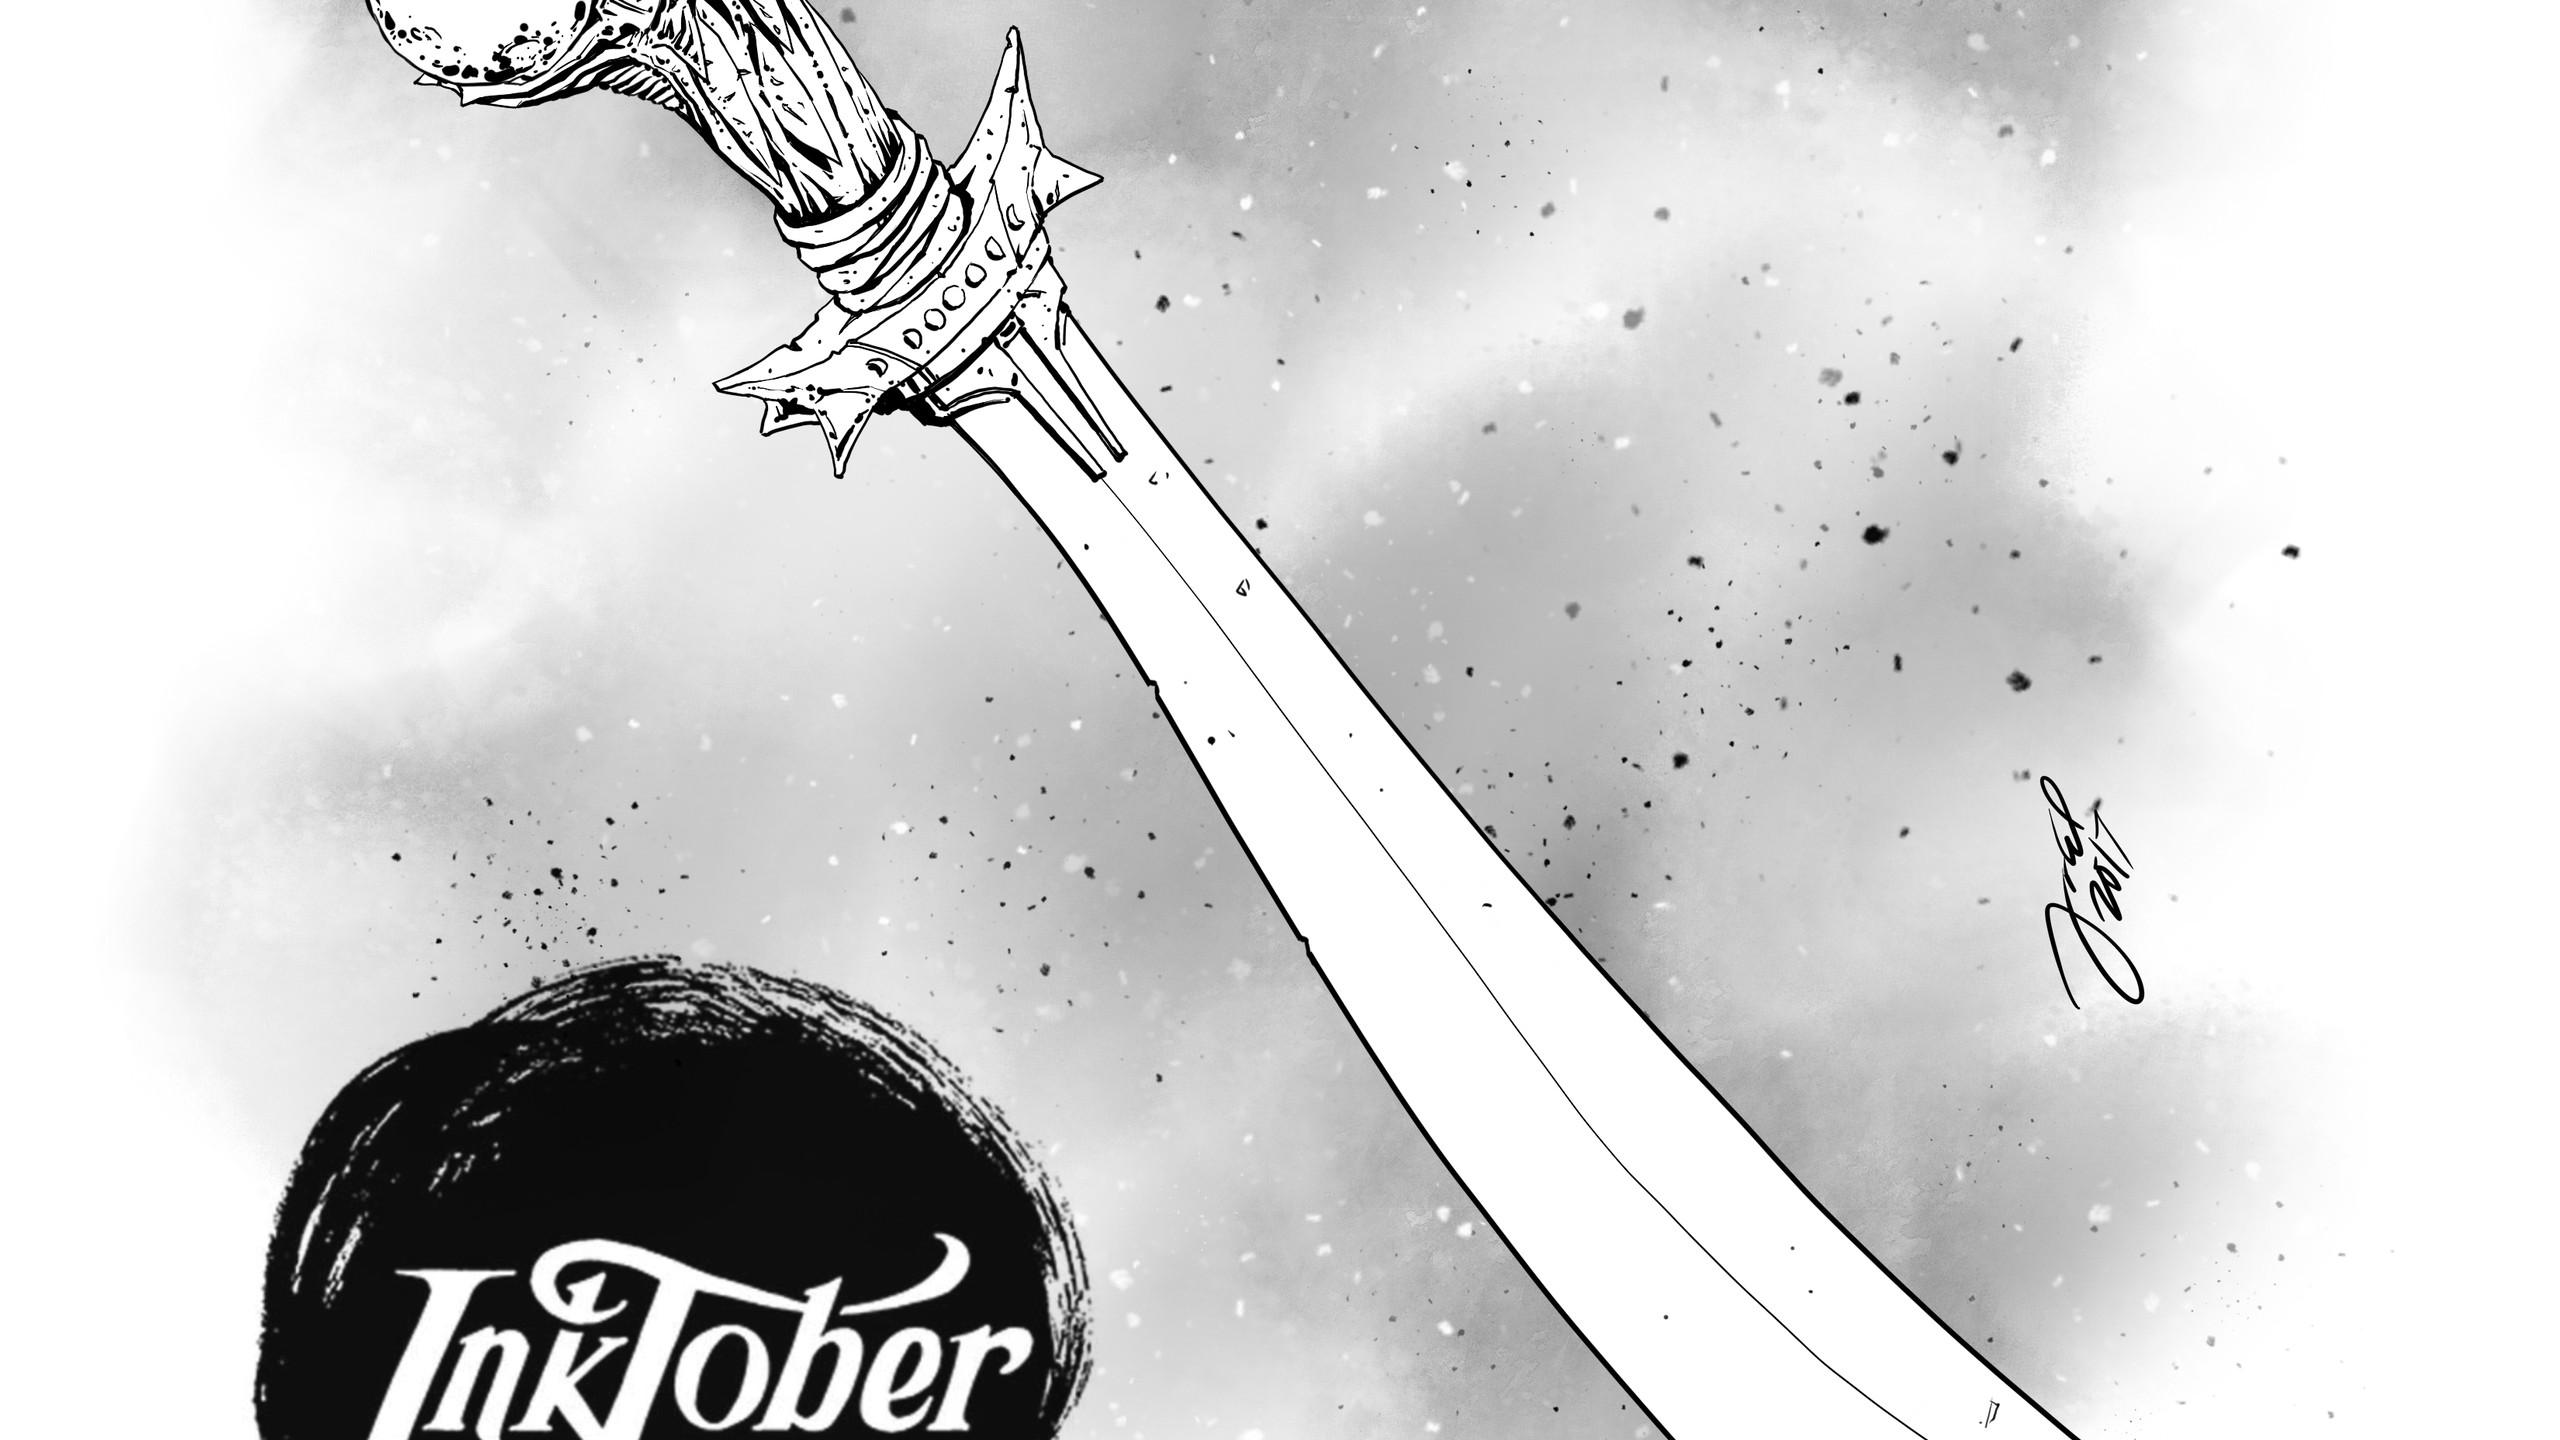 6 sword